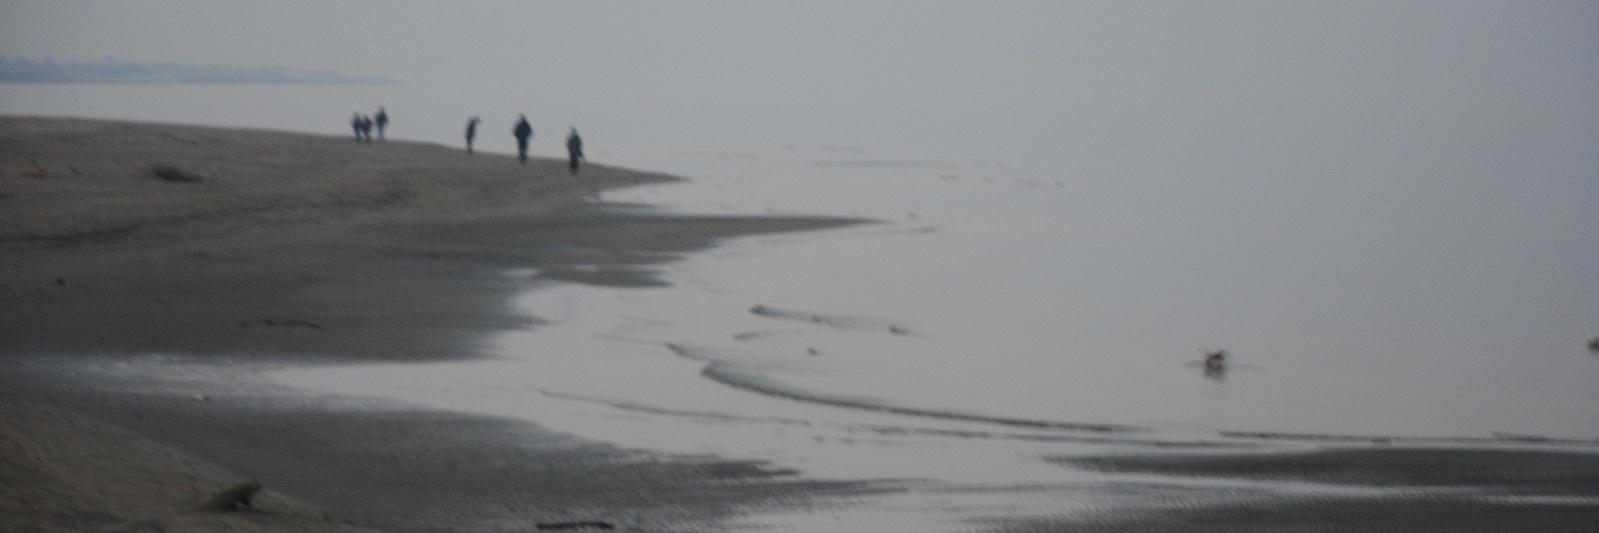 Il mare, la nebbia, i colori